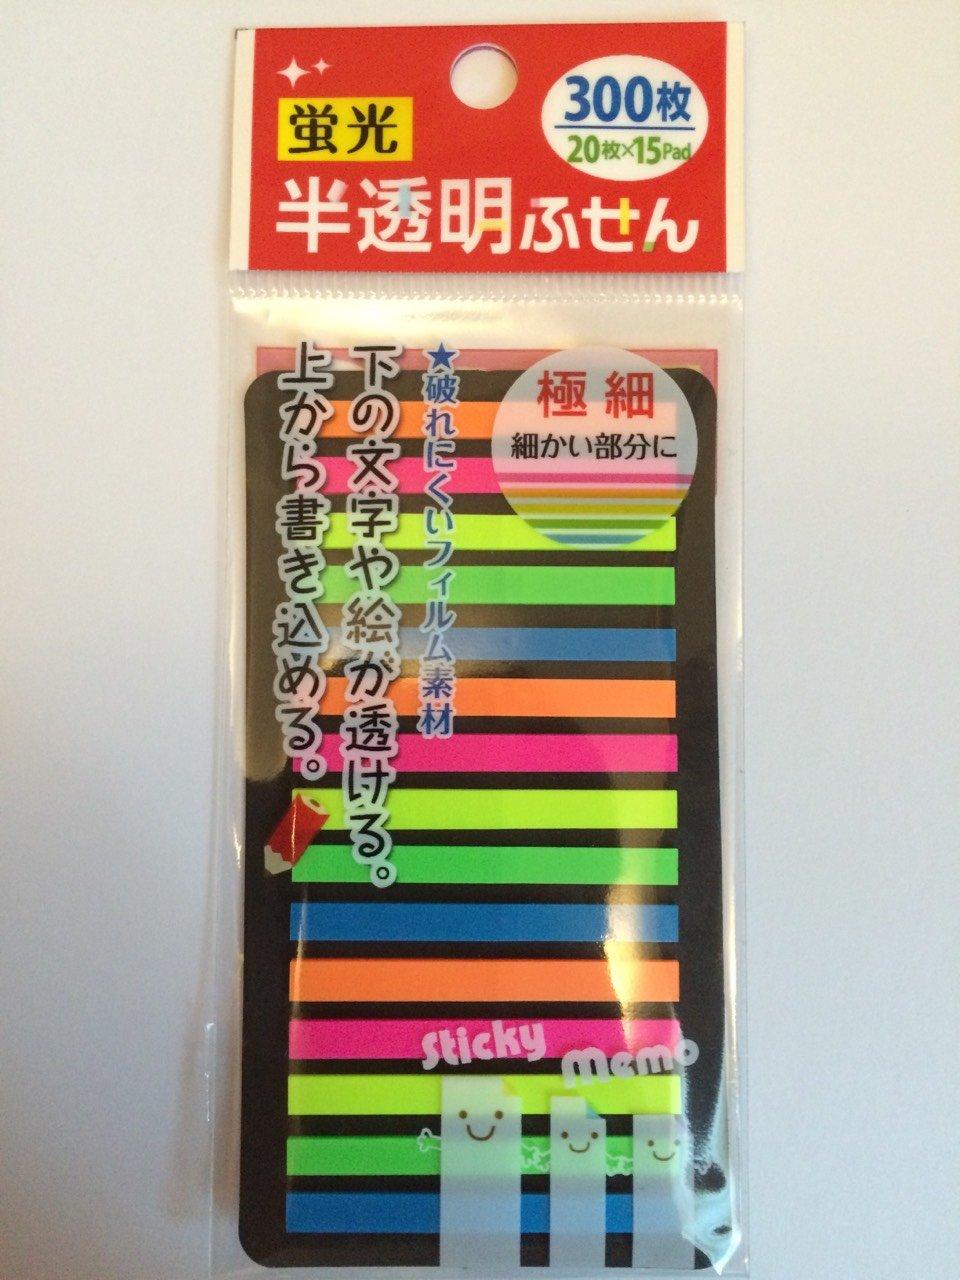 無印良品 PET 透明付箋紙 ¥263 ○ 3M ポスト・イット フラッグ (6色) ¥357